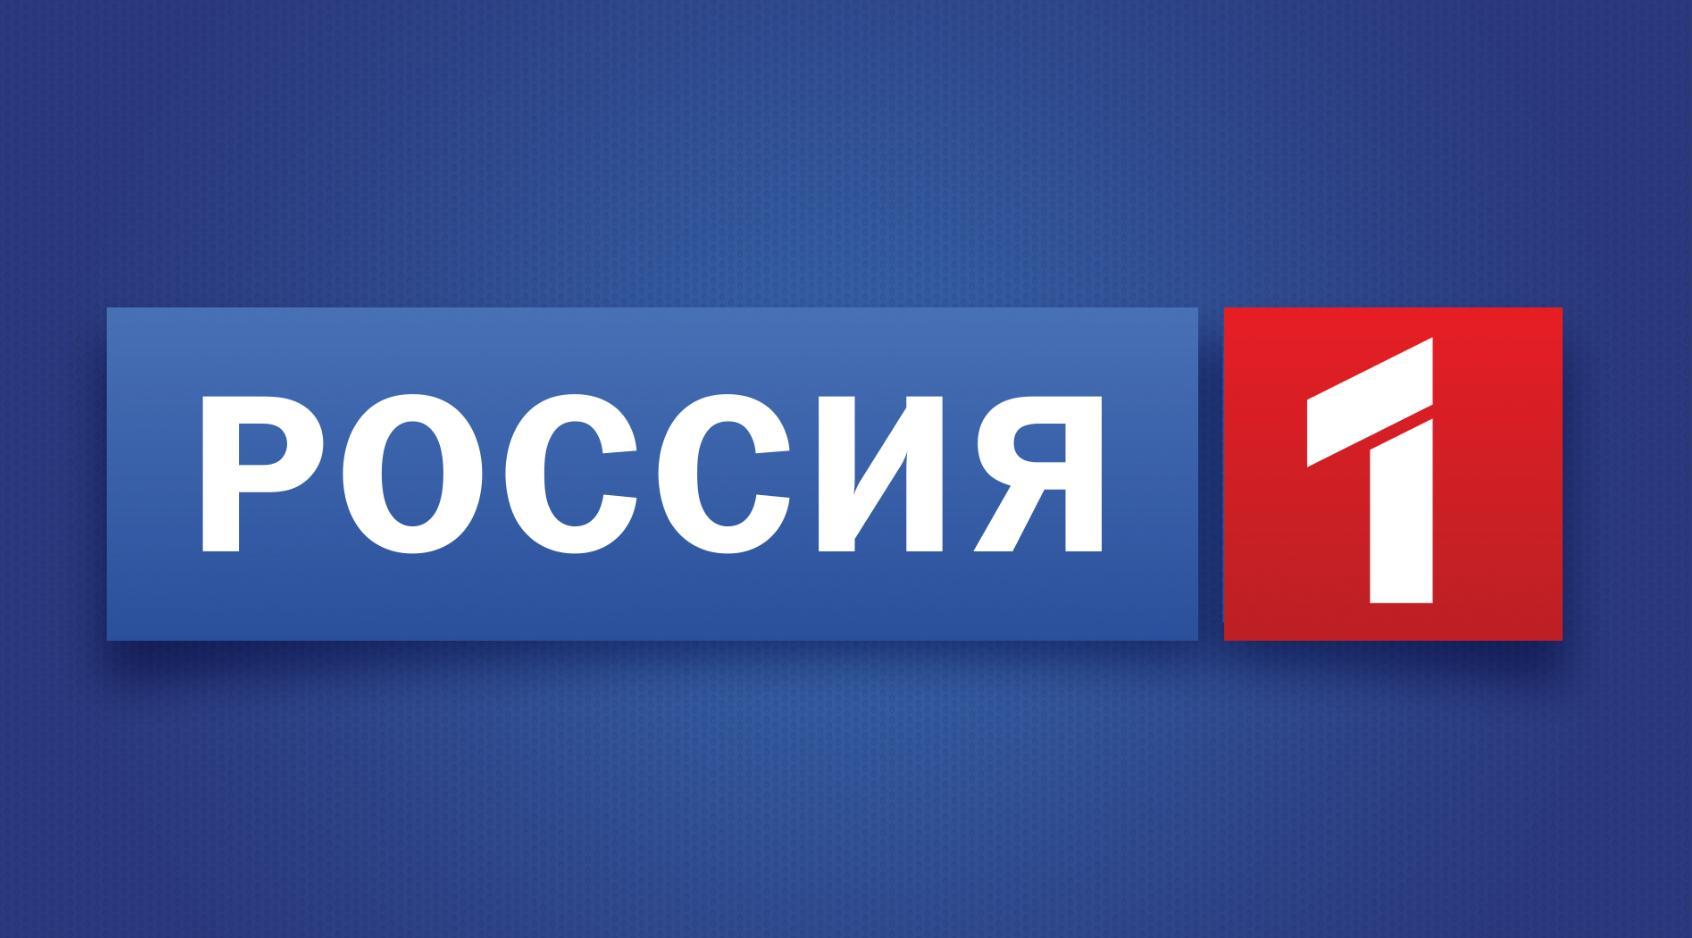 Программа передач россия 1 на сегодня челябинск